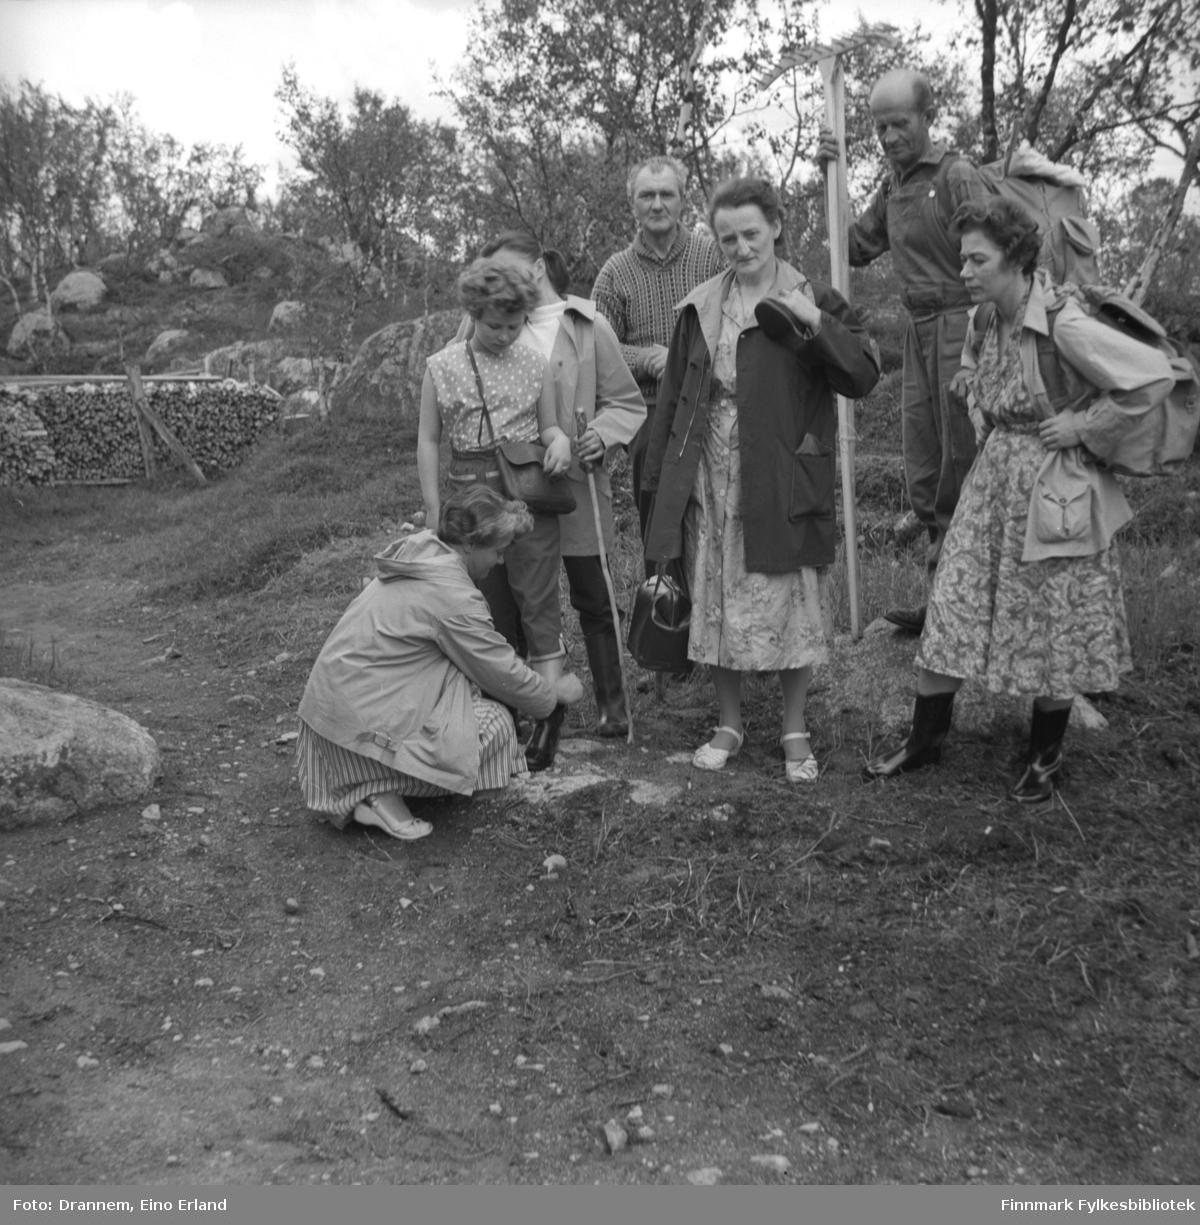 Syv personer på tur i terrenget. De er, fra venstre: Sonja Lappalainen, Turid Karikoski, ukjent, Søren Gabrielsen, ukjent, Uuno Lappalainen og Jenny Drannem. Stedet kan være Luolajärvi i Finland.